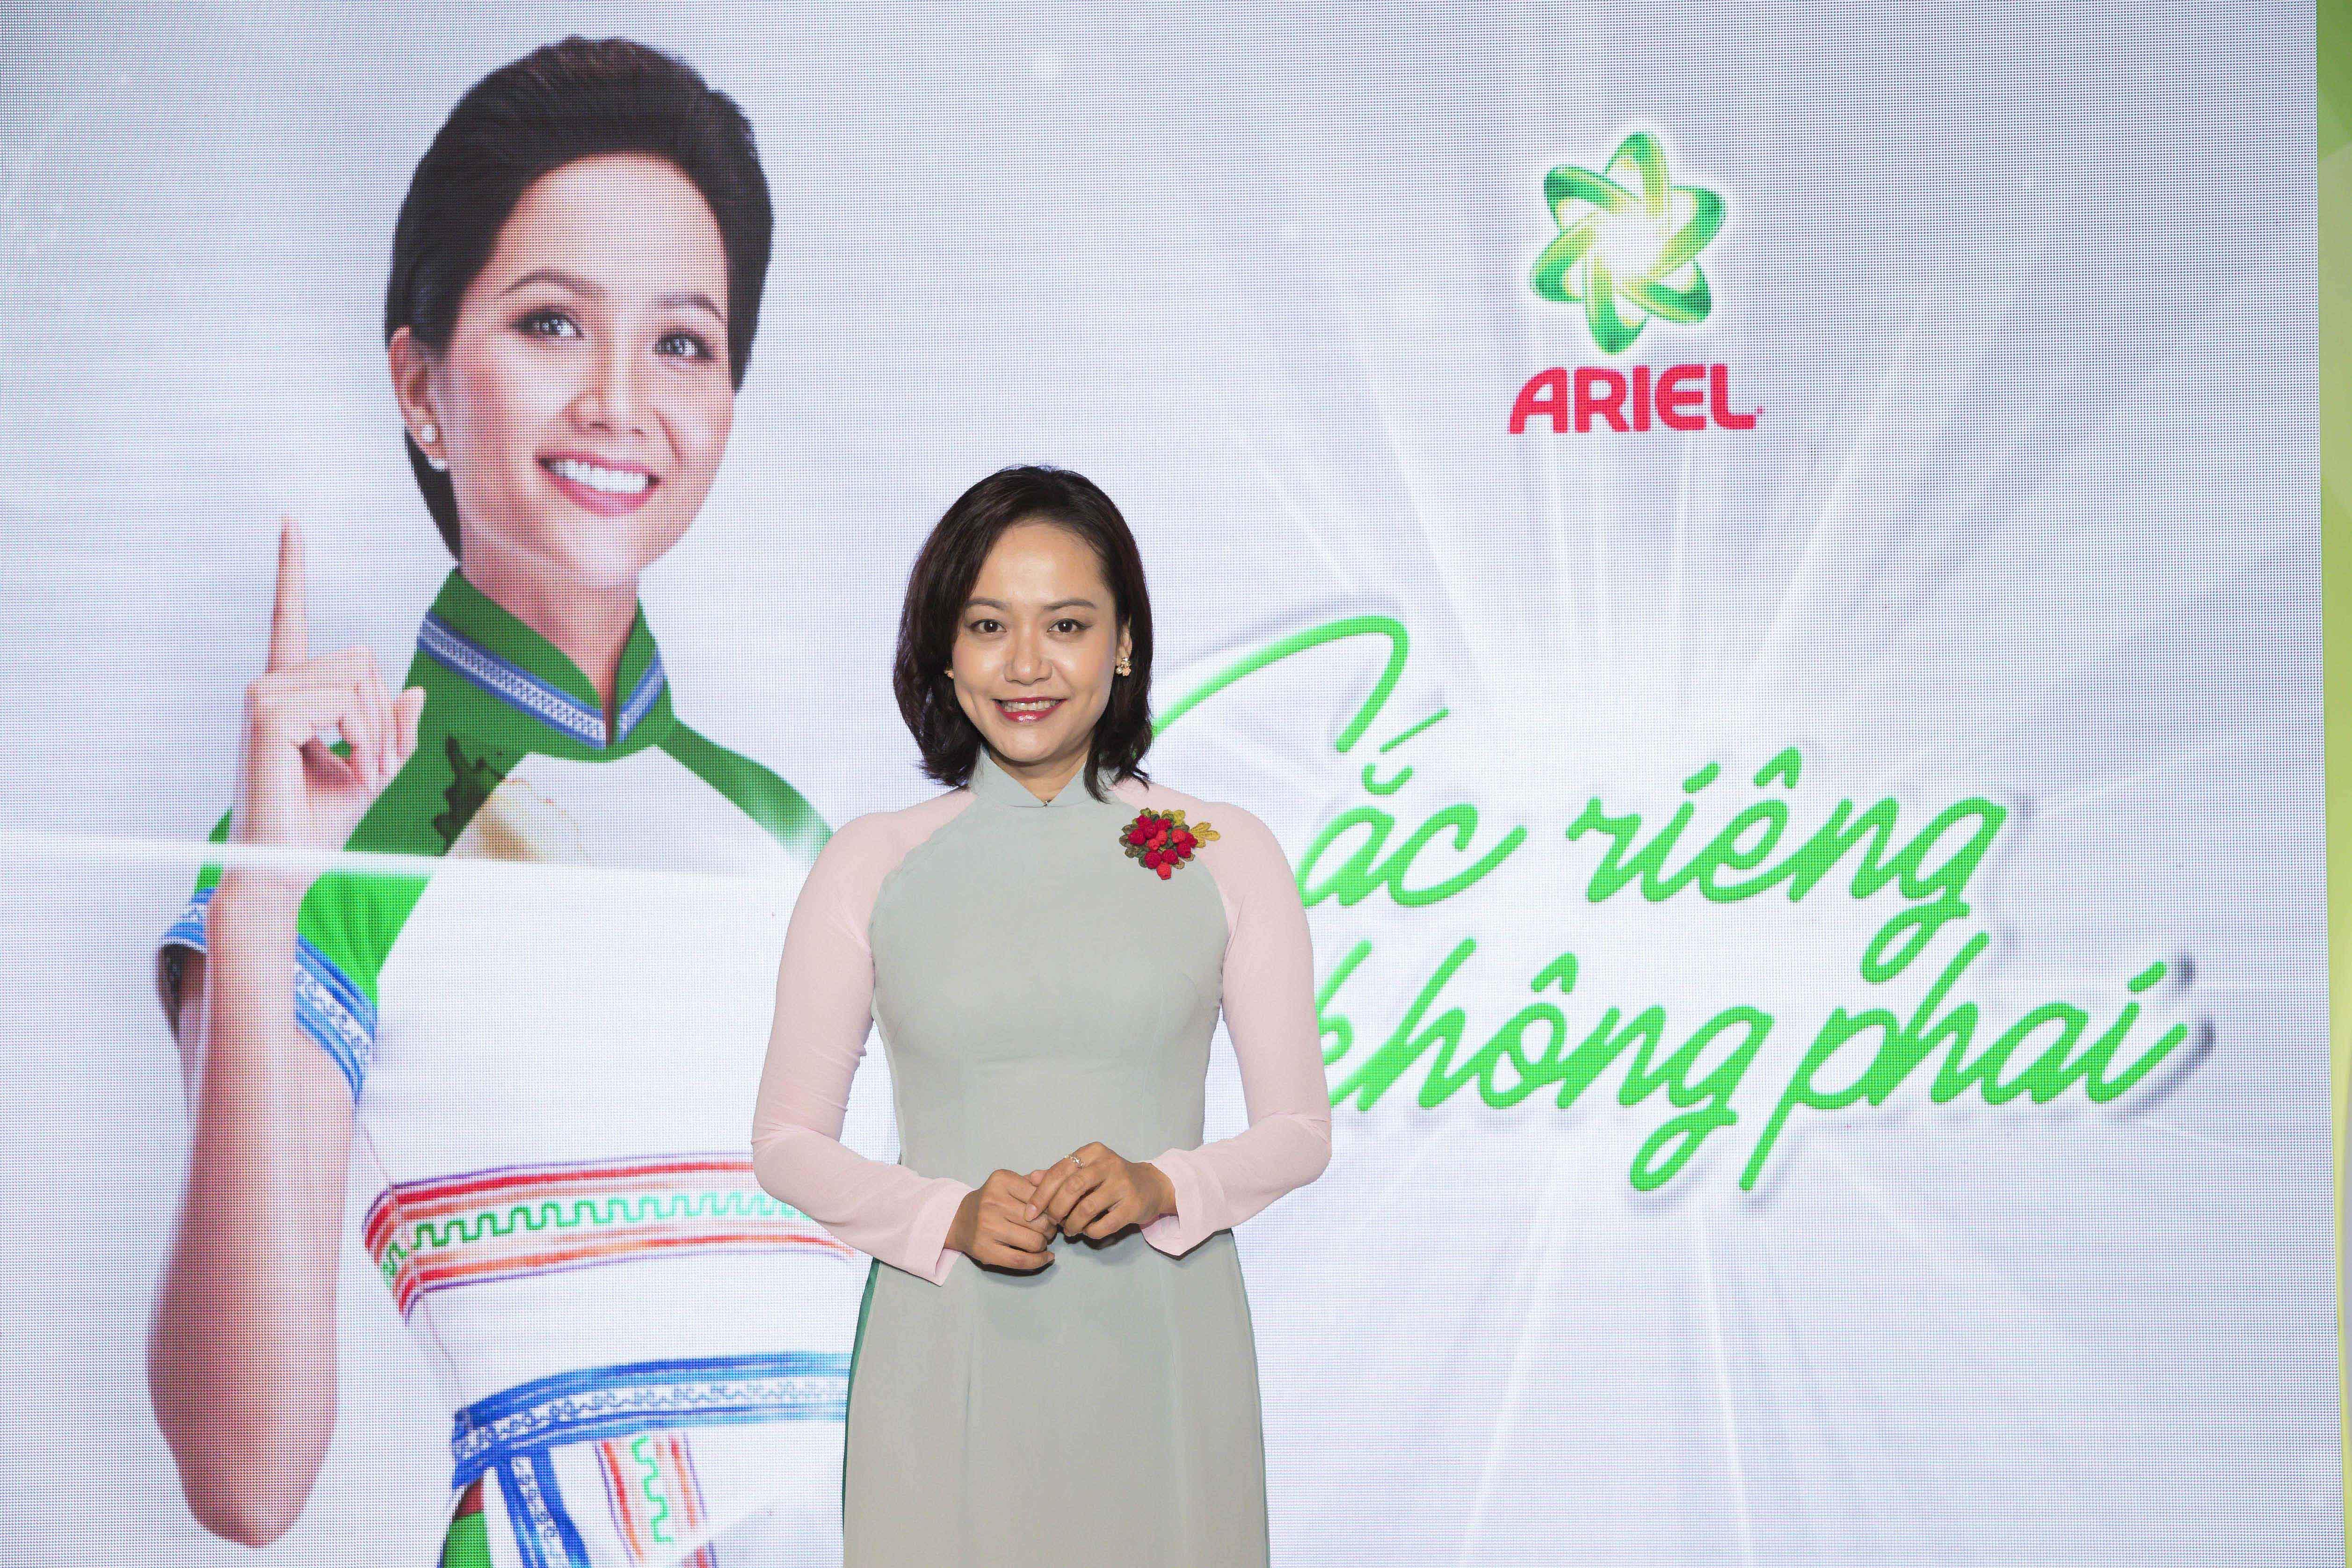 Đạo diễn, diễn viên Hồng Ánh tham dự sự kiện